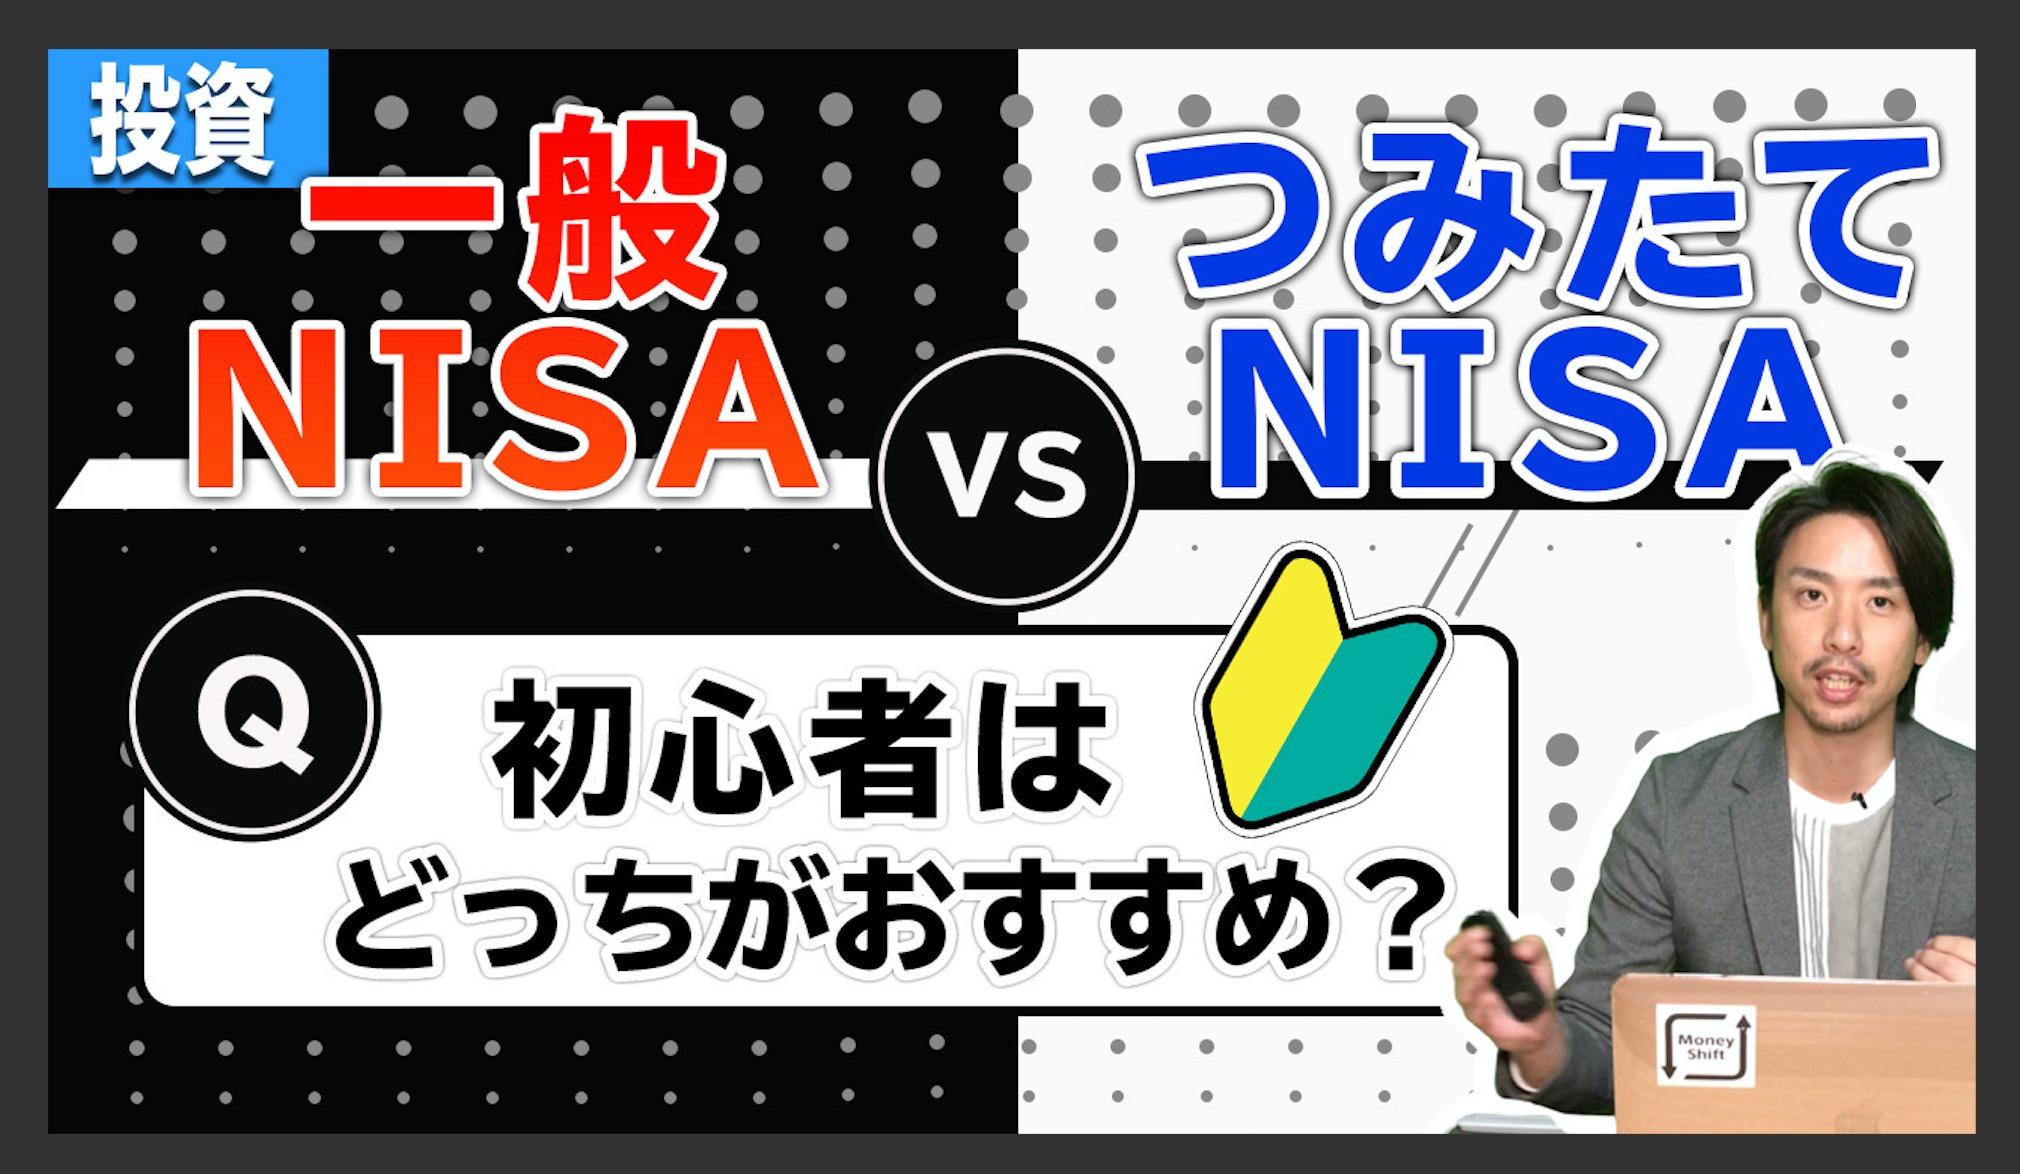 【シンプルに解説】一般NISA VS つみたてNISAどっちが良いのか?特徴を比較